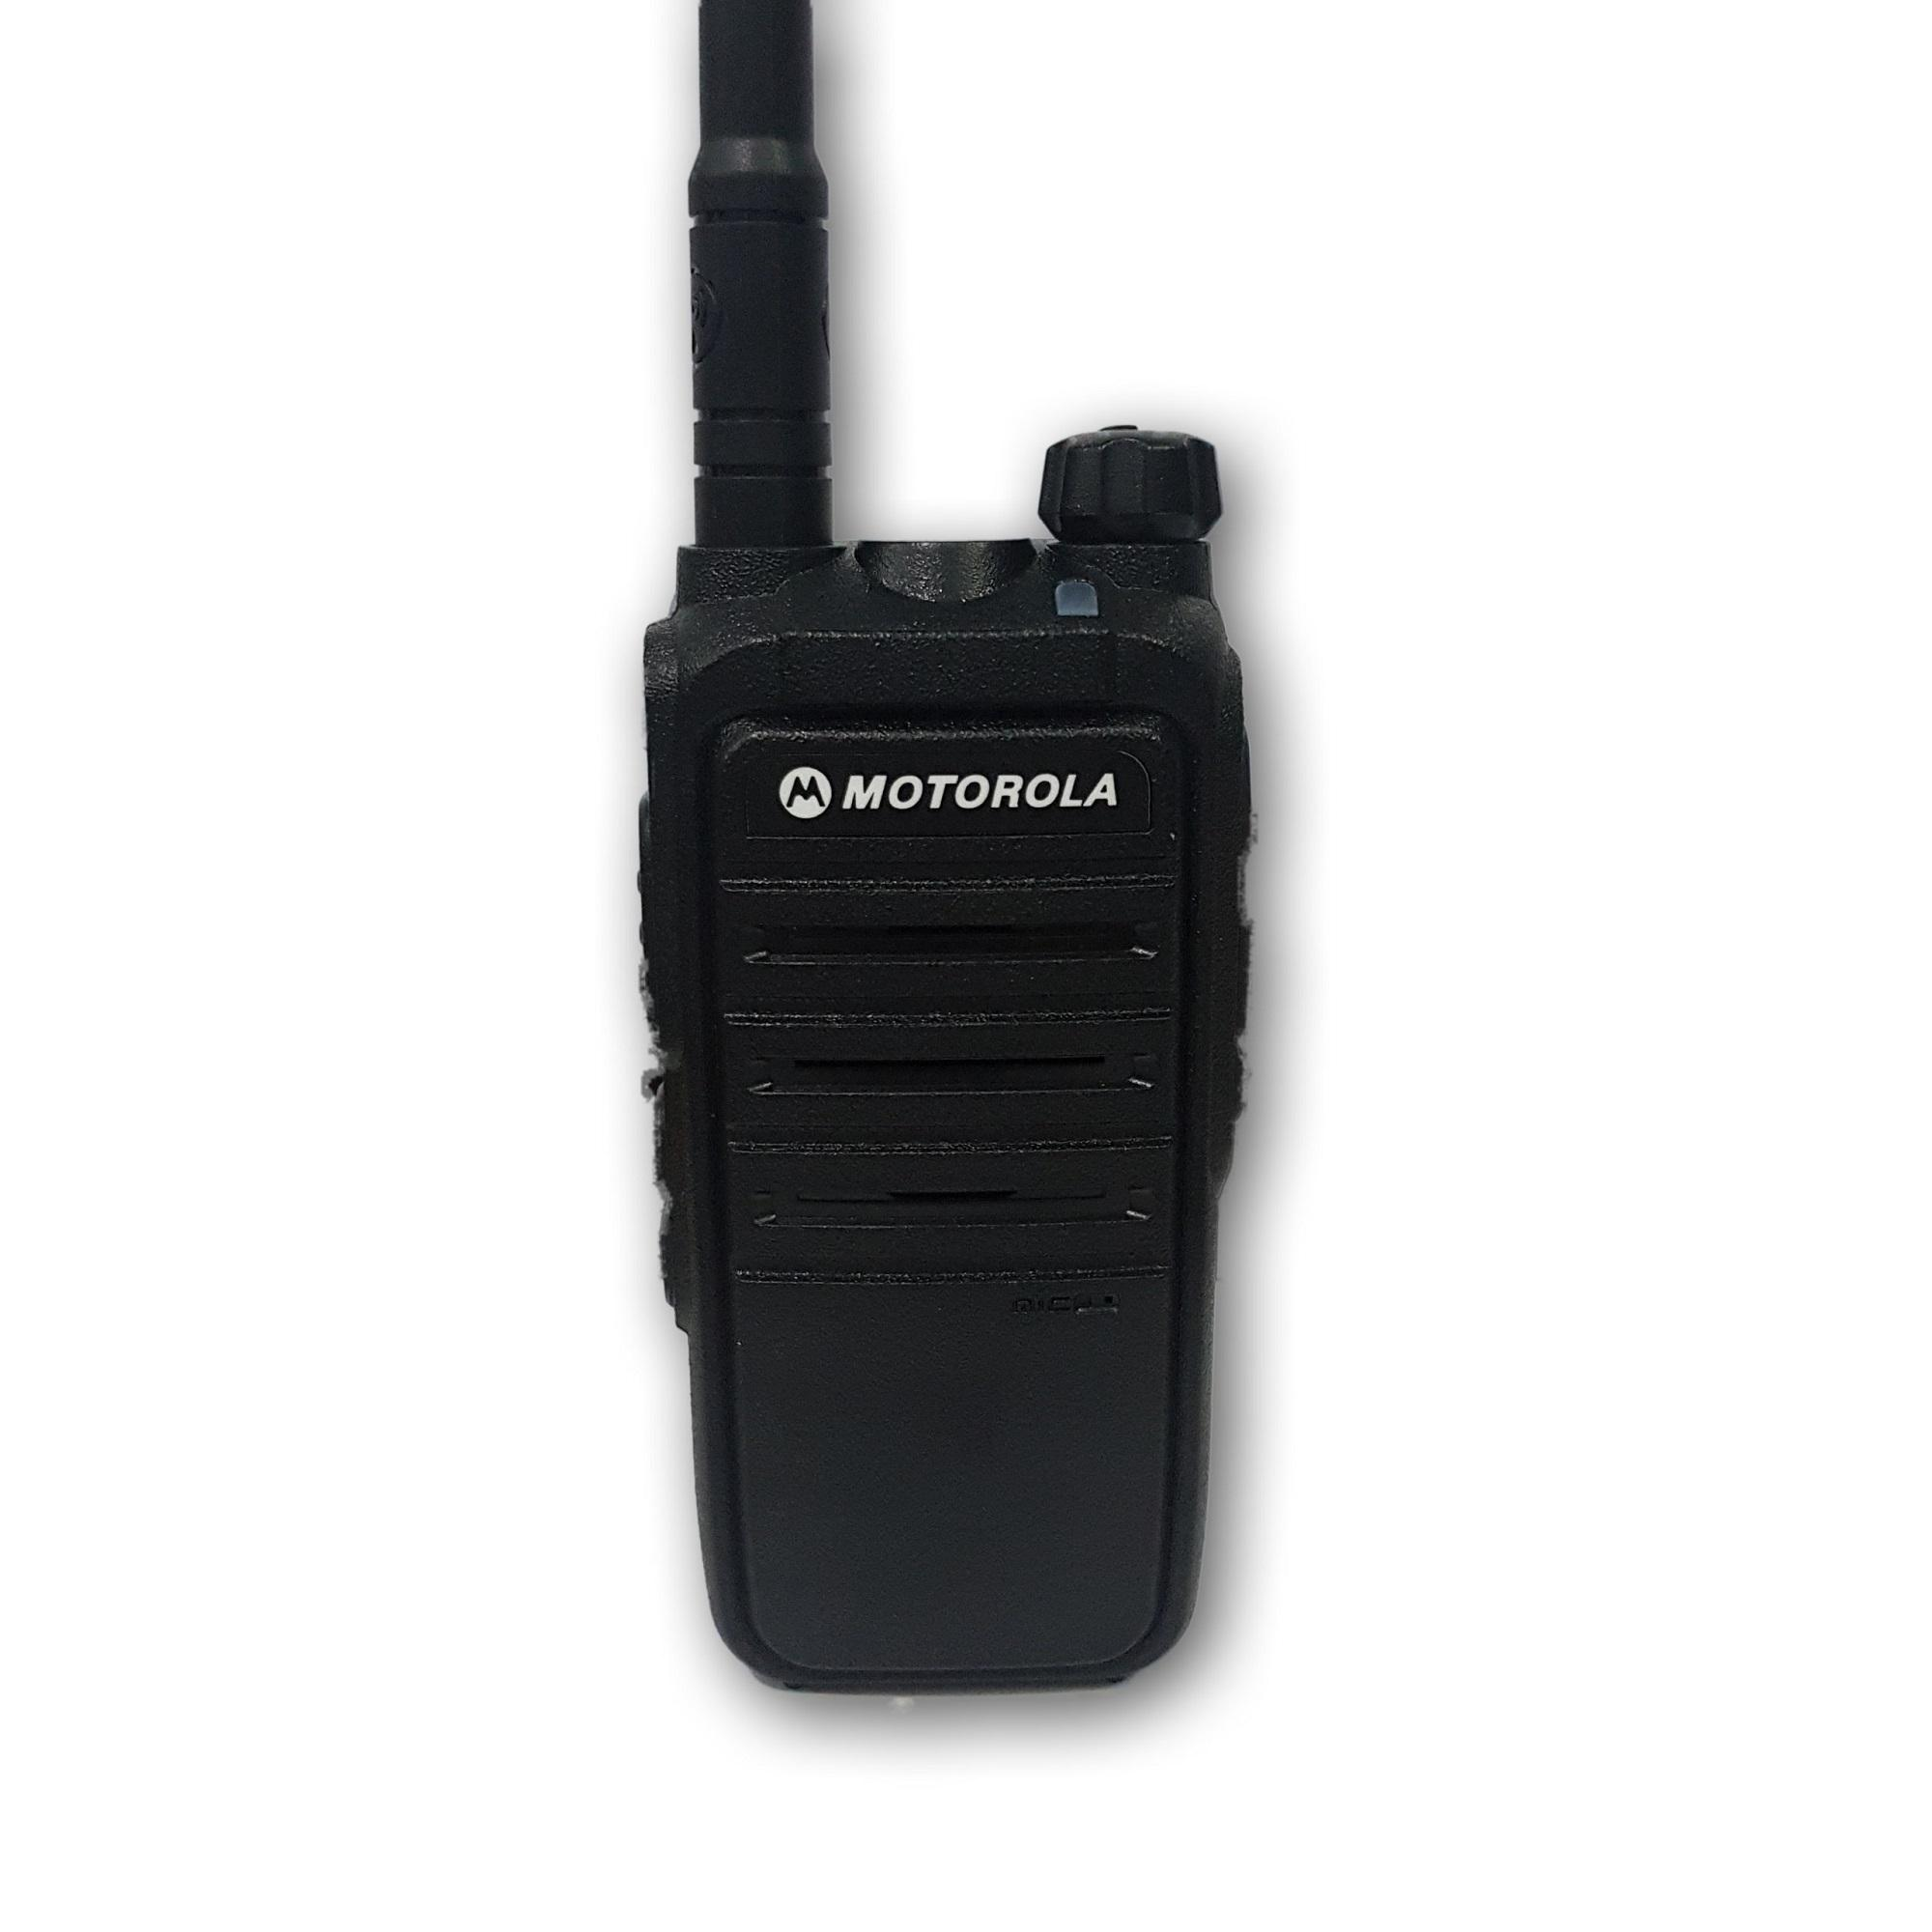 Bộ 2 Bộ đàm Motorola CP338 Plus-Cự ly liên lạc tối thiểu 1km trong nội thành- Siêu Bền(BN4) Nhật Bản